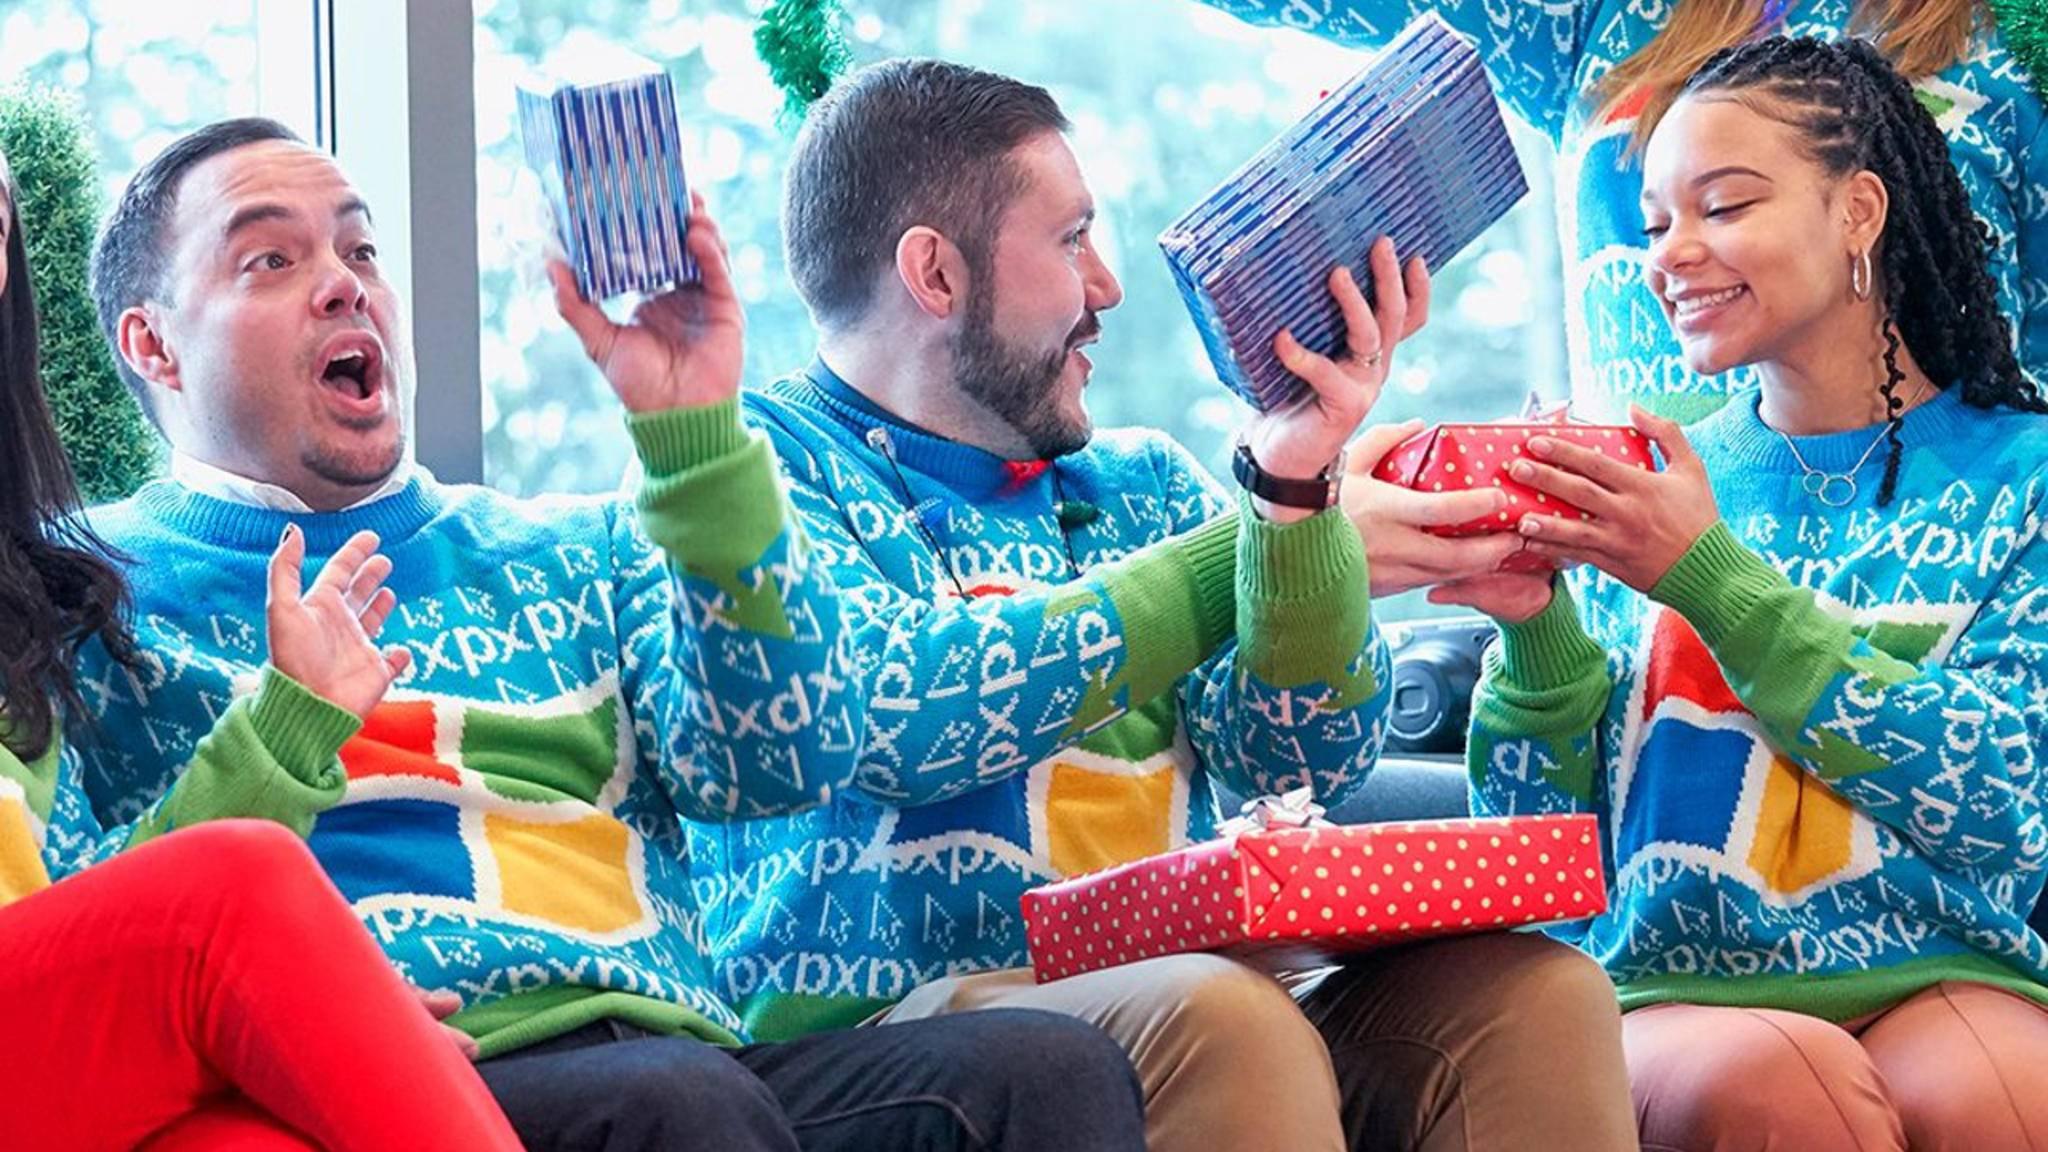 Die grellen Farben des Microsoft-Logos eignen sich hervorragend für den beliebten Weihnachtspullover.